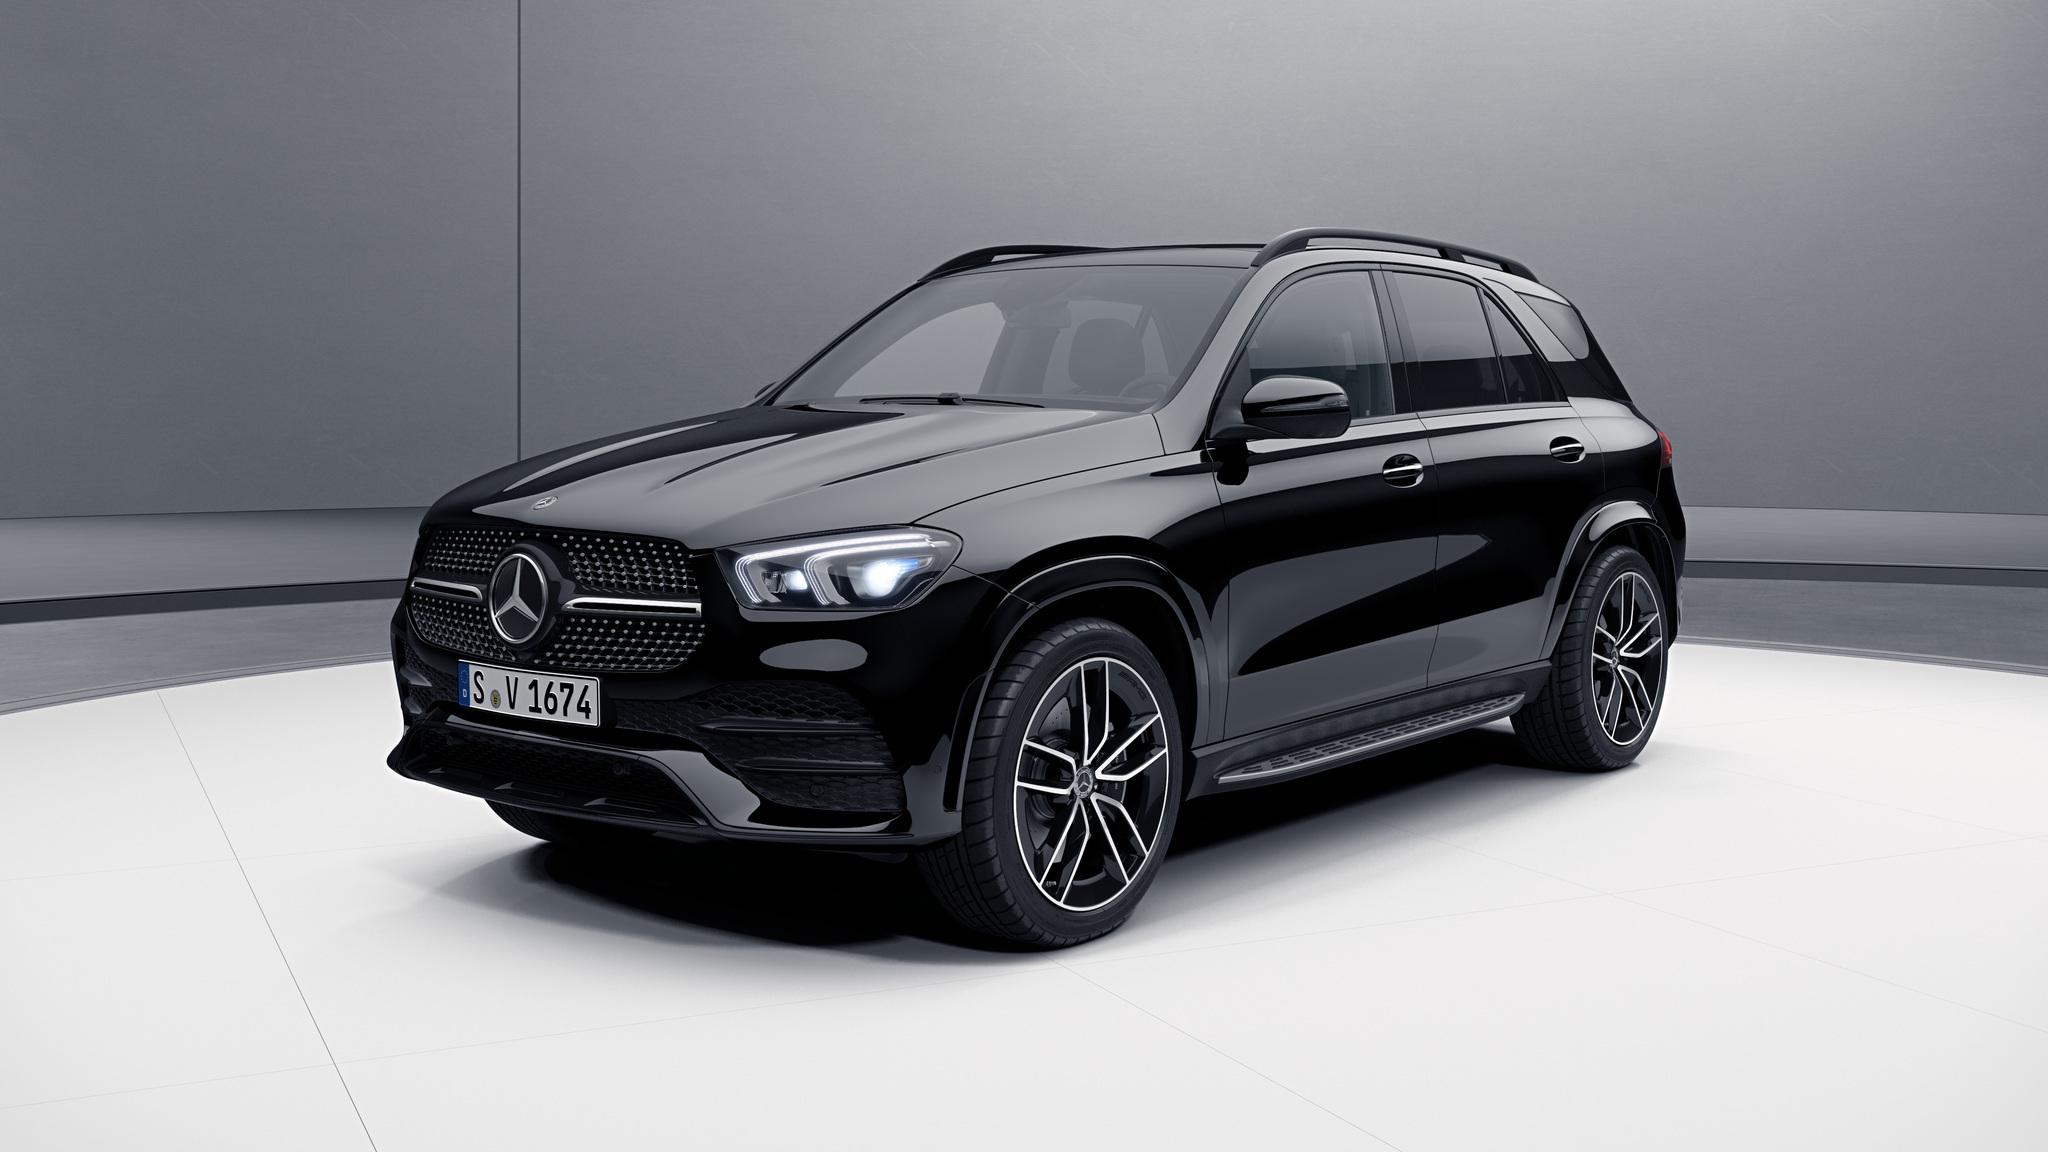 Vue de trois quarts de profil de la Mercedes GLE avec la peinture standard noir